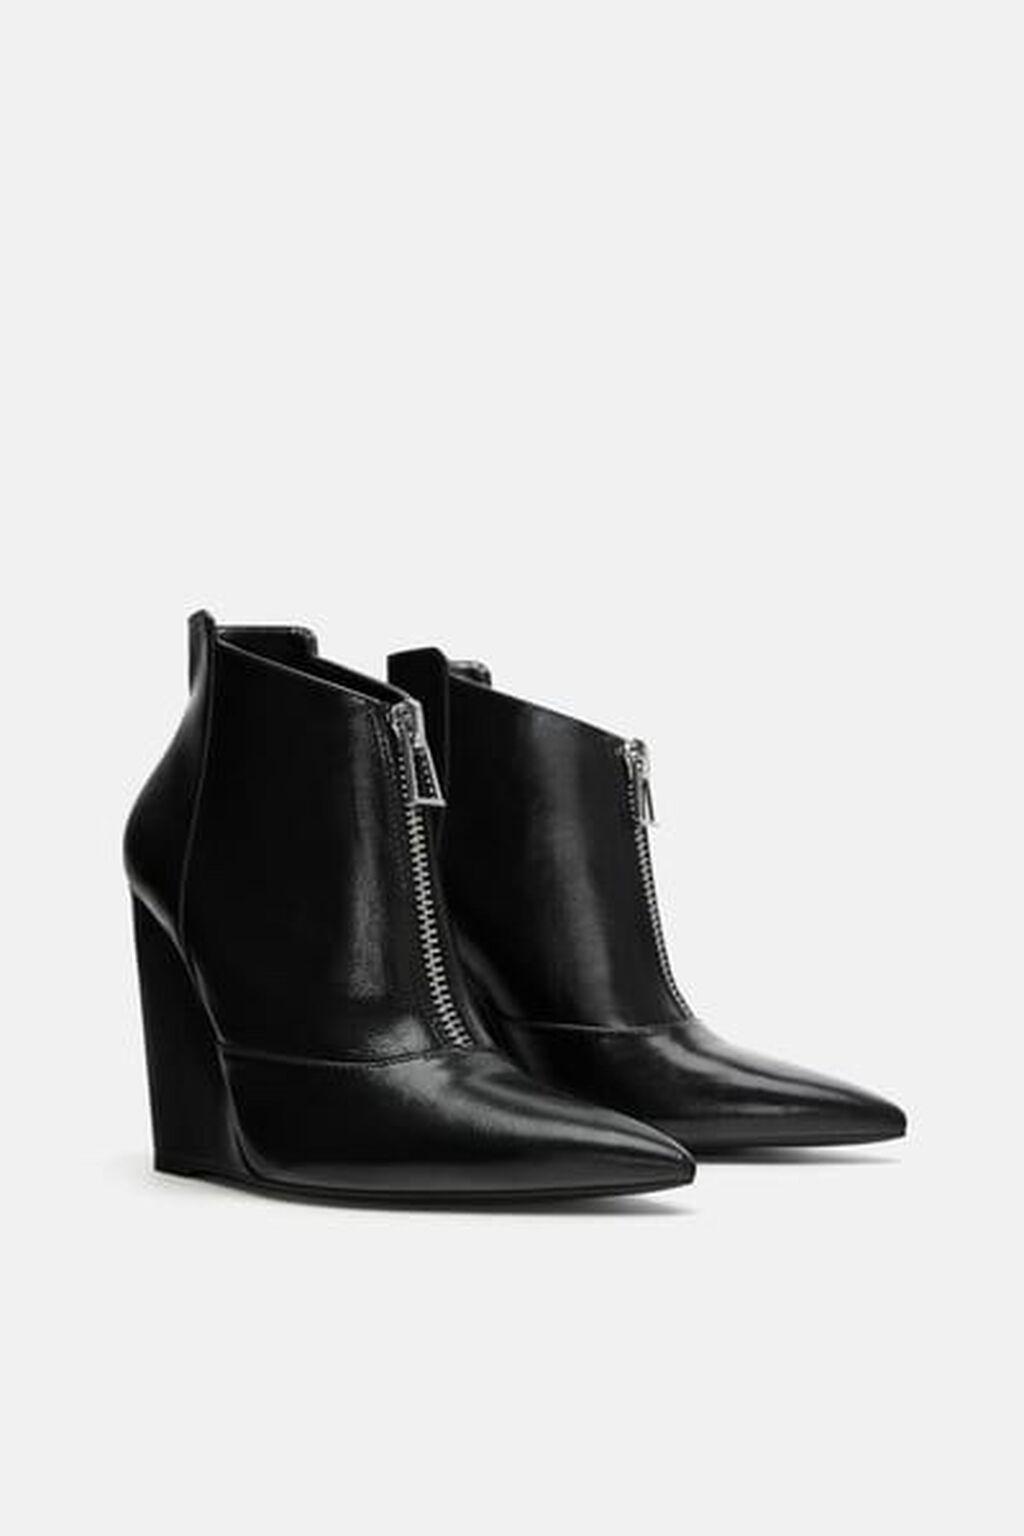 Обувь от Зары  Размер:36  Цена: 3999с можно договорится уступлю чучуть: Обувь от Зары  Размер:36  Цена: 3999с можно договорится уступлю чучуть